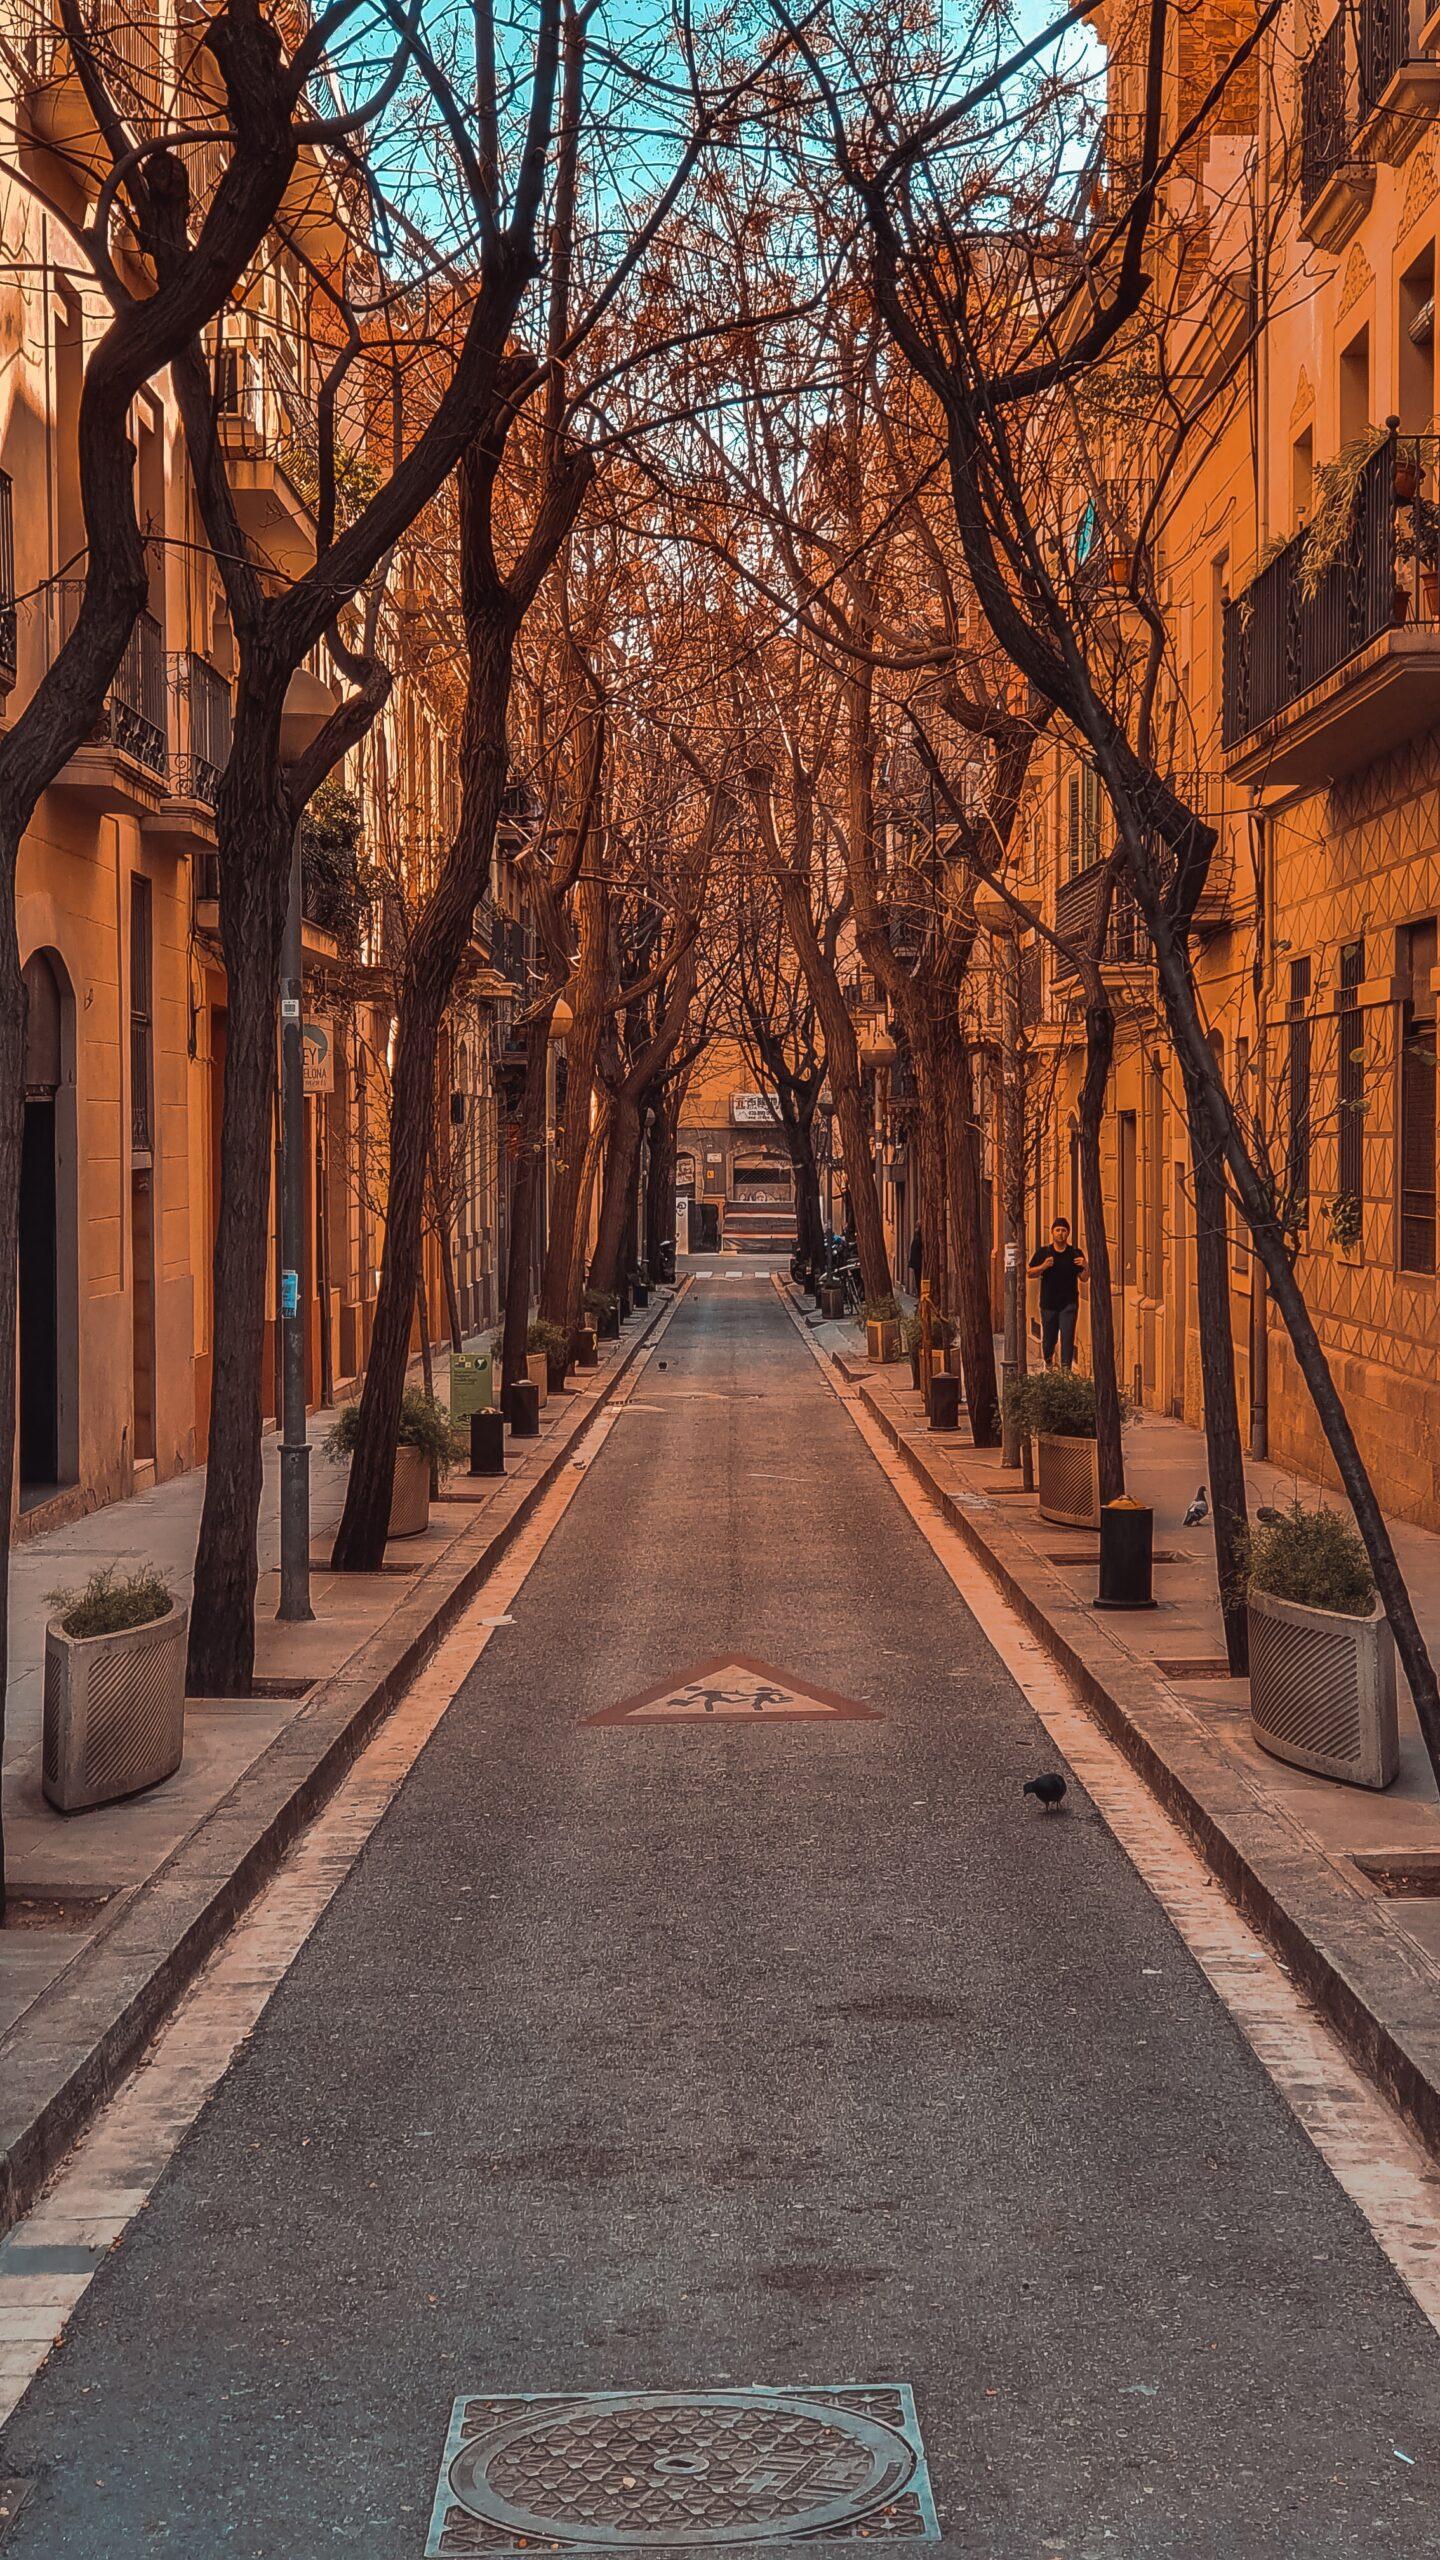 miltiadis-fragkidis-Barcelona City narrow tree lined avenue-unsplash